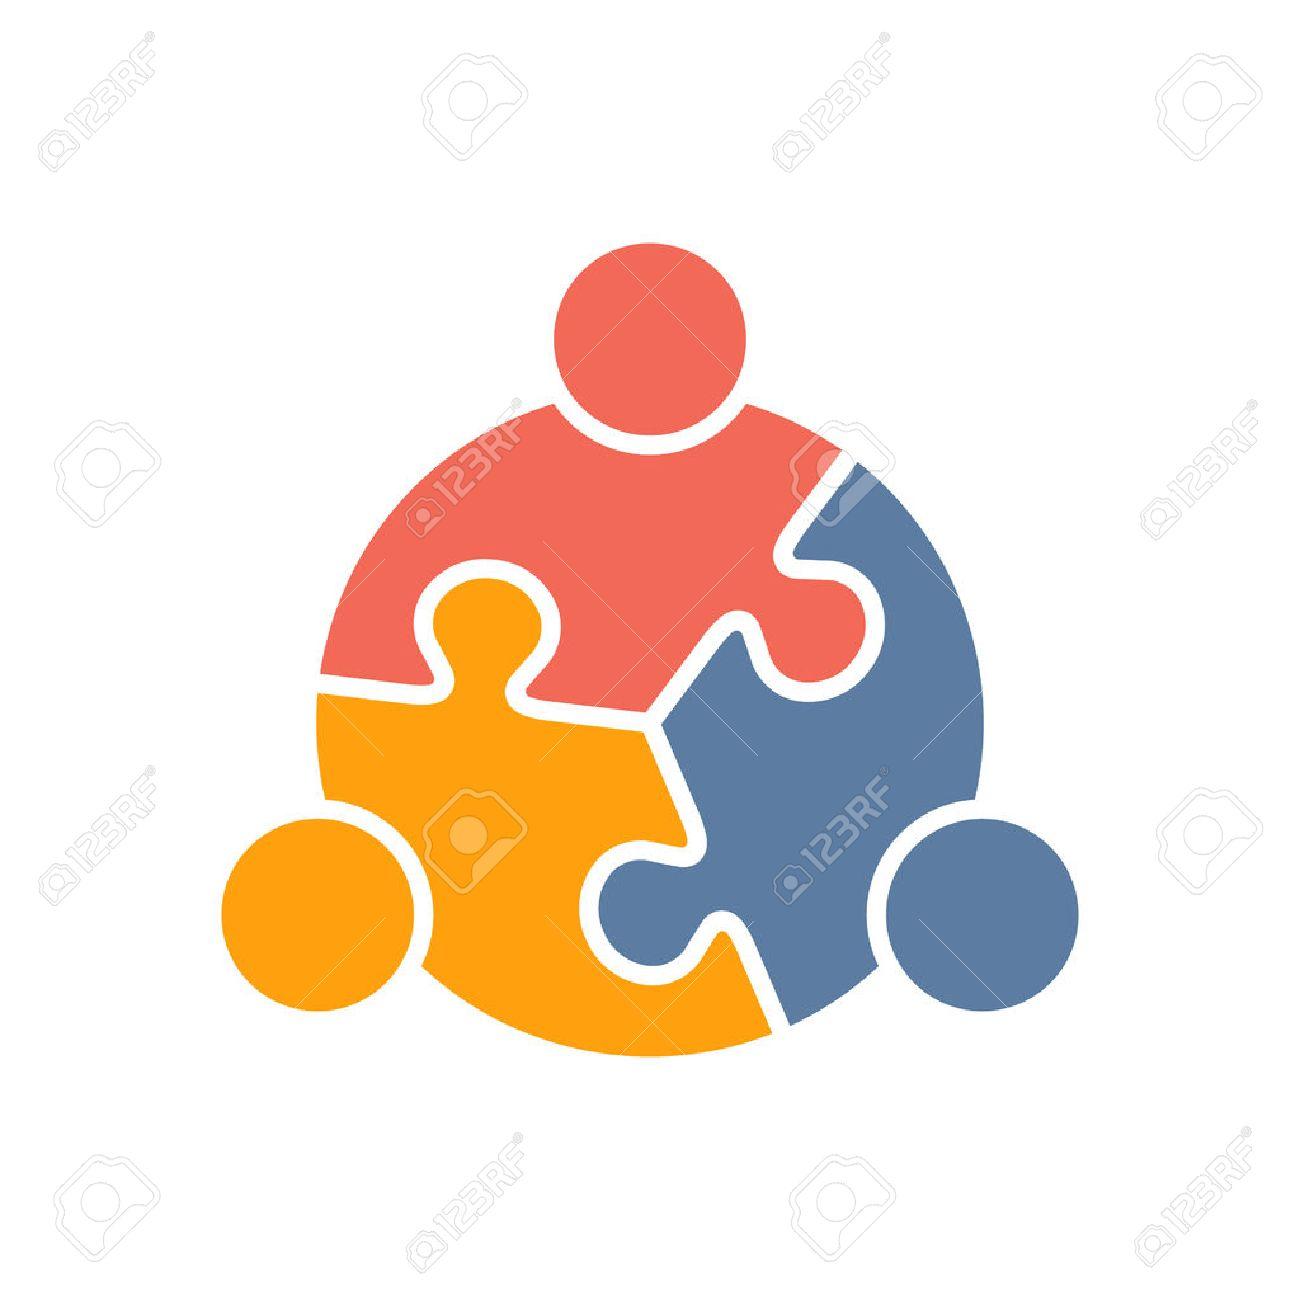 Lavoro di squadra Persone di puzzle tre pezzi. Vector graphic design illustrazione Archivio Fotografico - 56118813